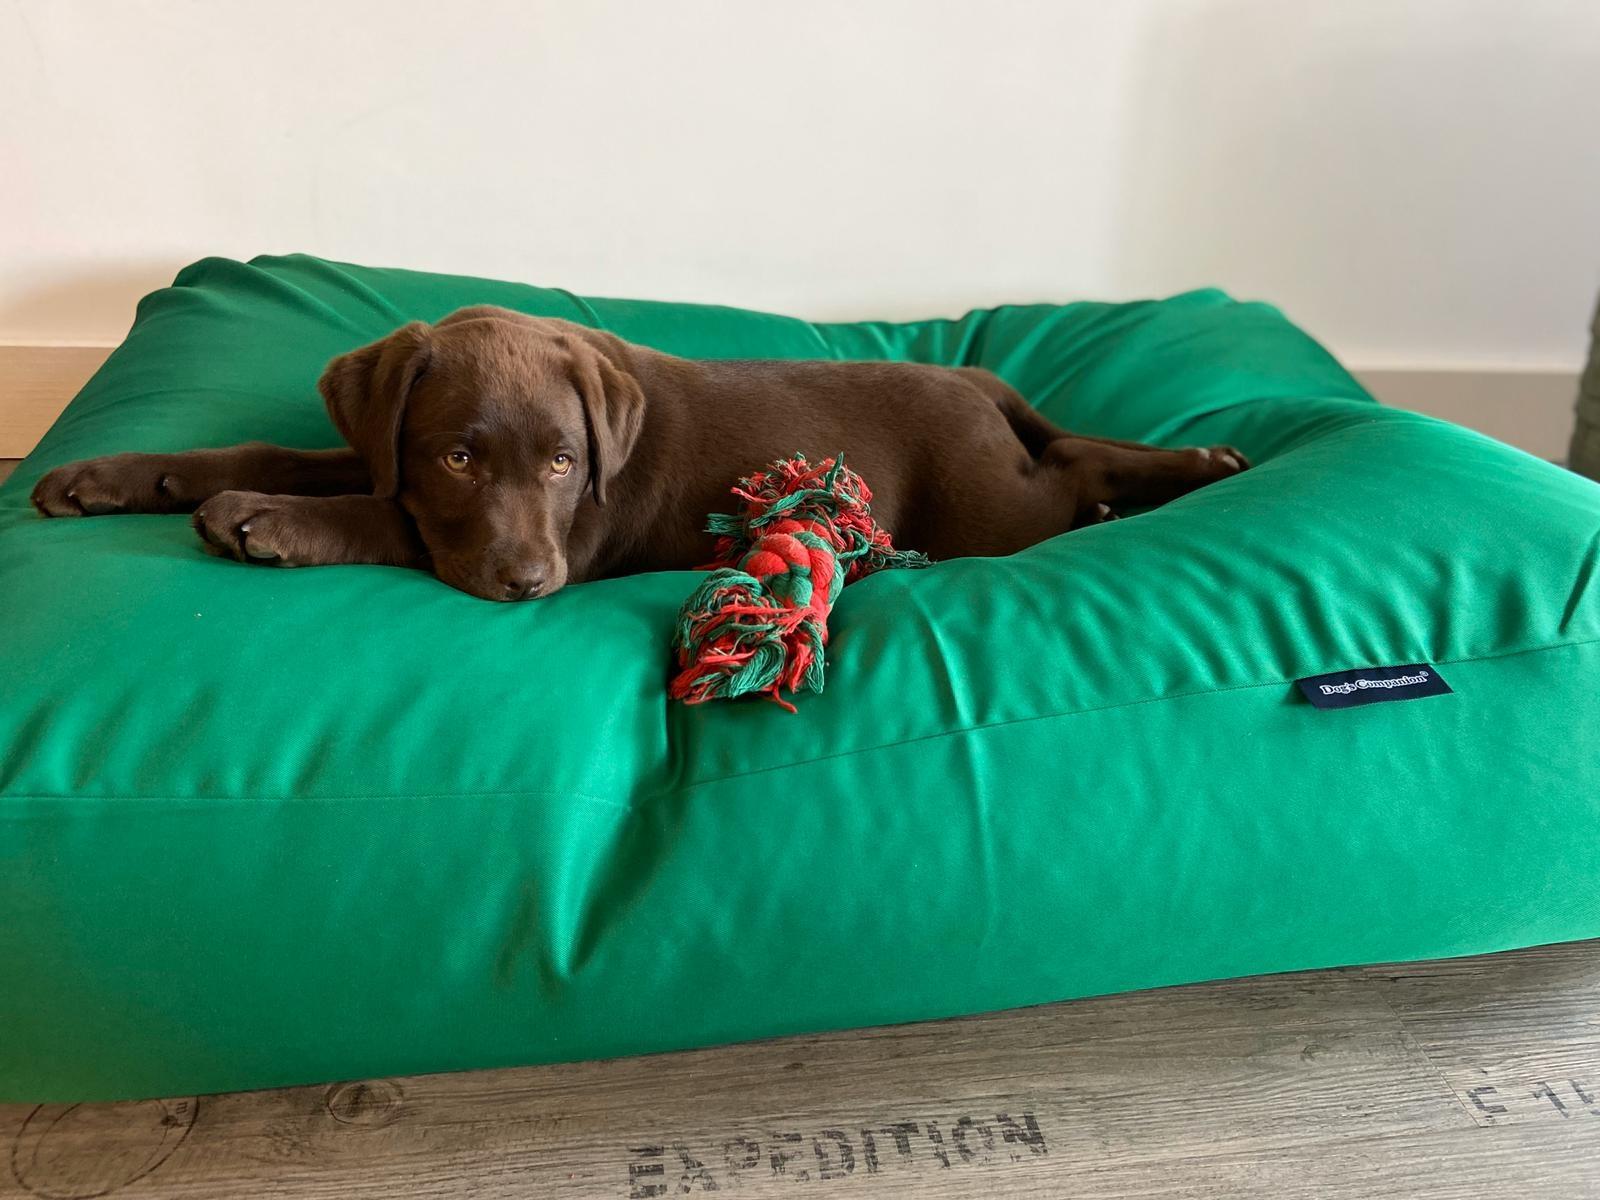 Dog's Companion® Hondenbed lentegroen vuilafstotende coating superlarge